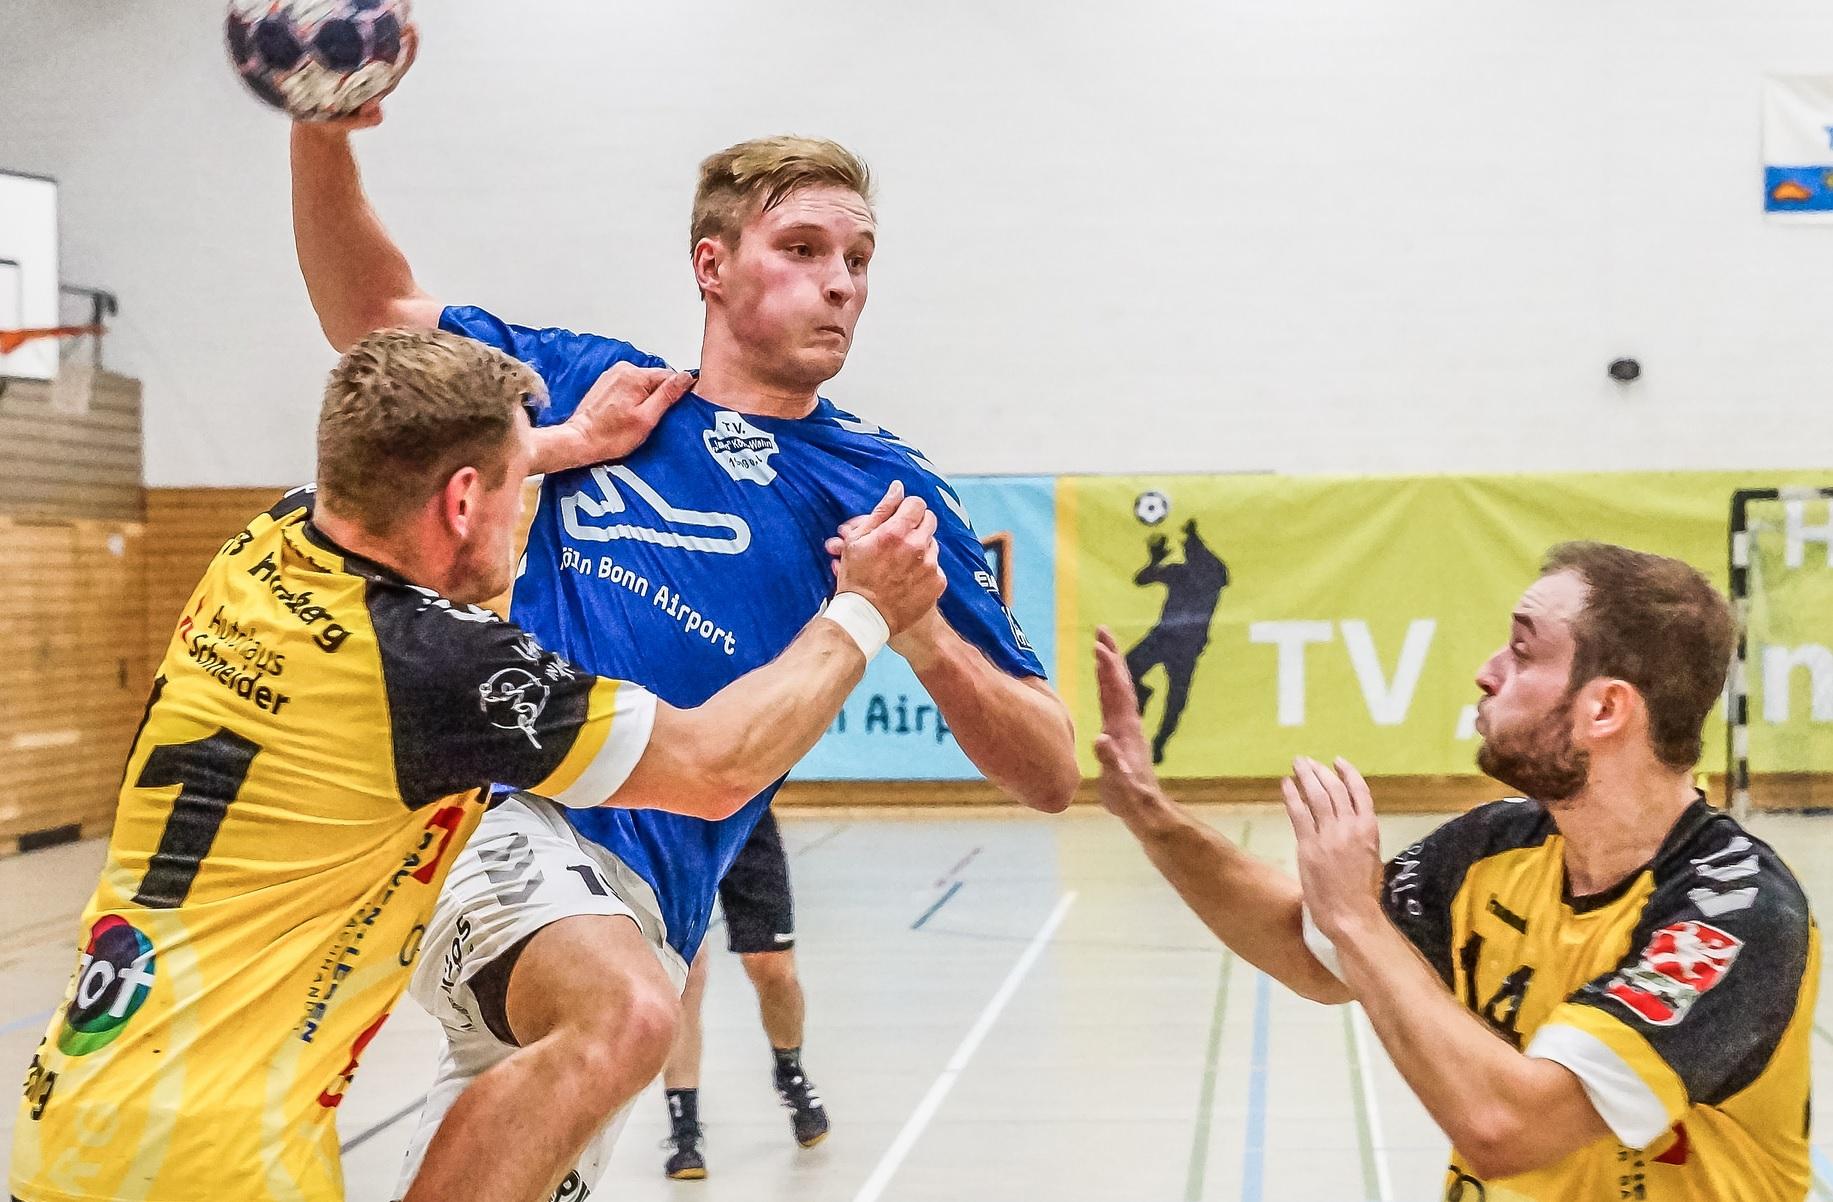 1. Herren: Max Sommershof steht nach Handballpause wieder bereit